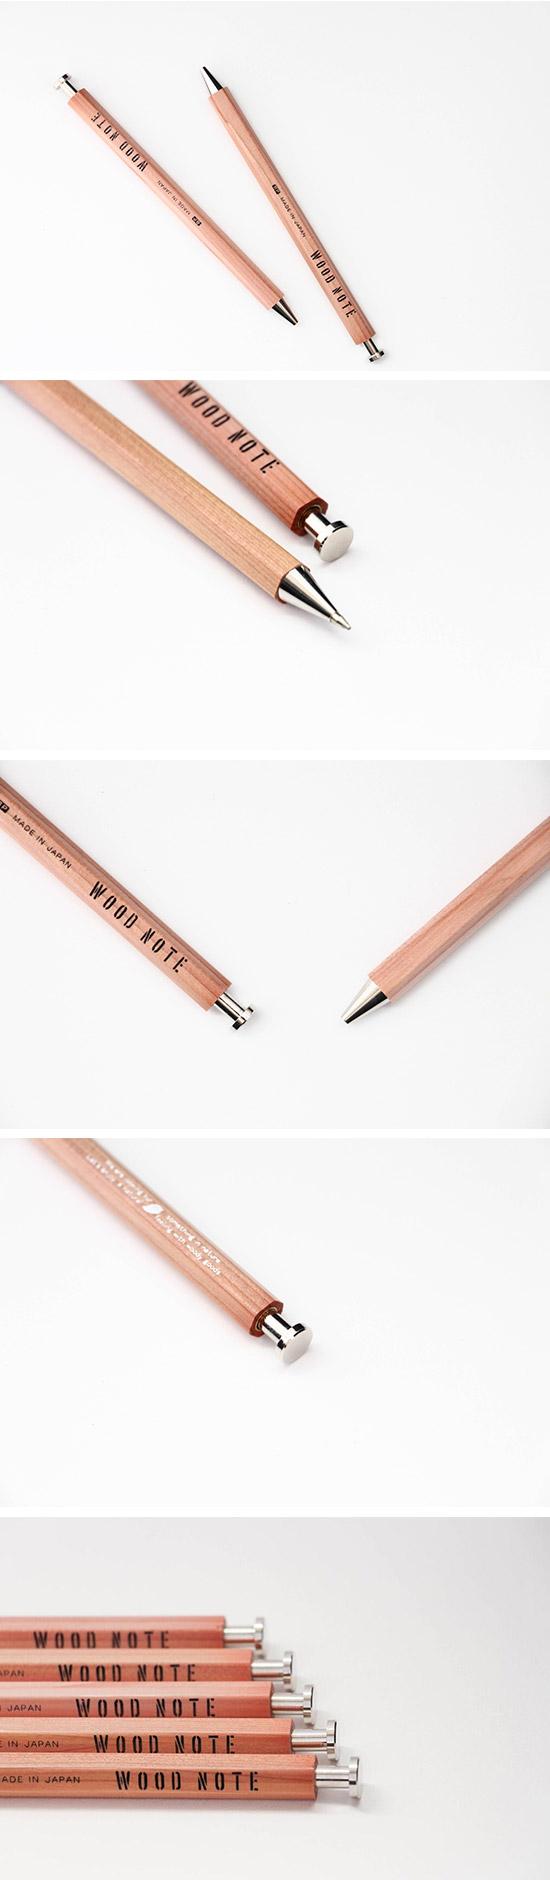 北星大人鉛筆 原木限量原子筆